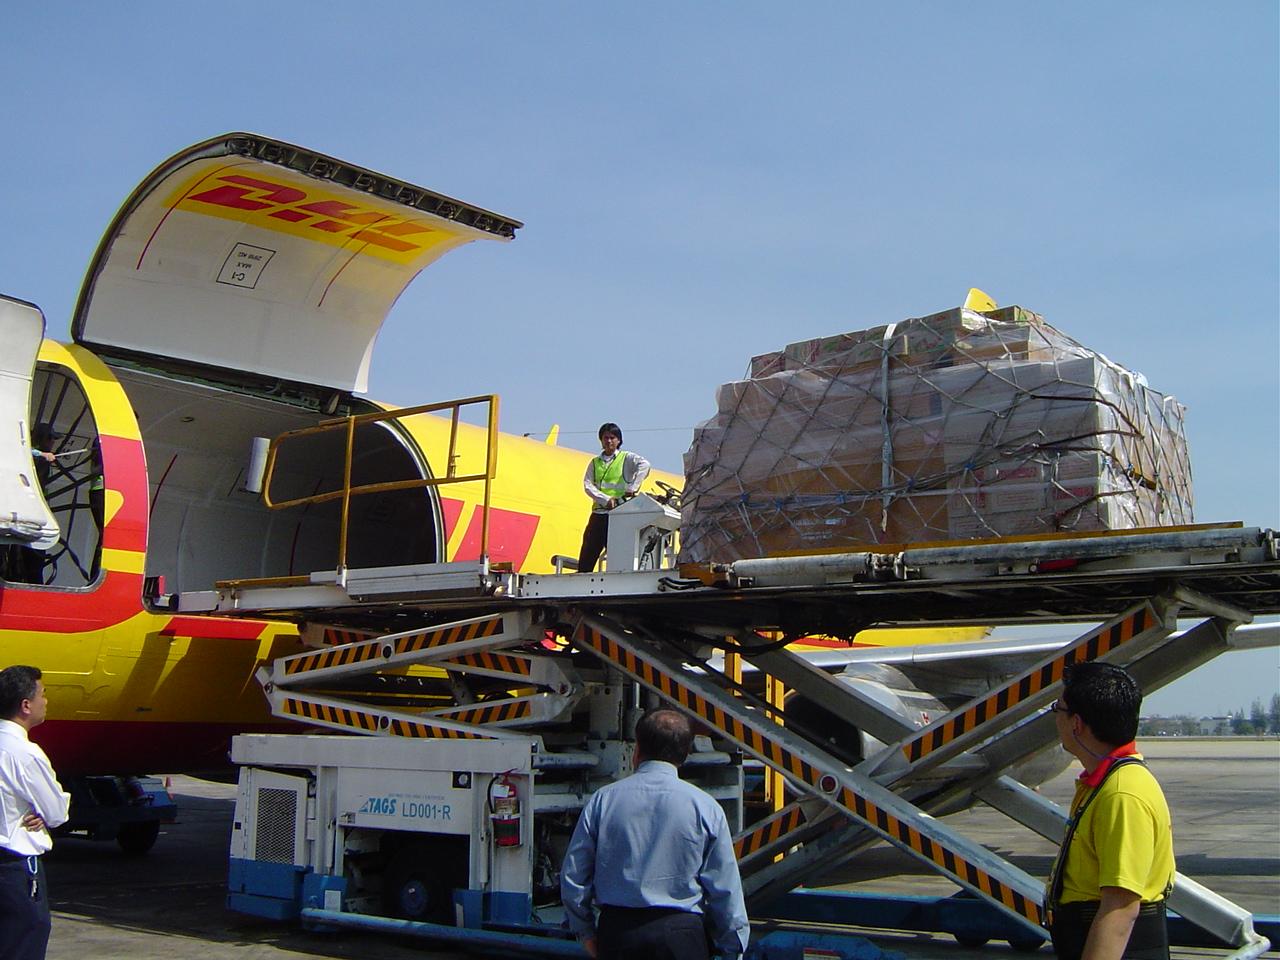 Dịch vụ chuyển phát nhanh quốc tế đi Pháp bằng đường hàng không giá rẻ của ViettelCargo